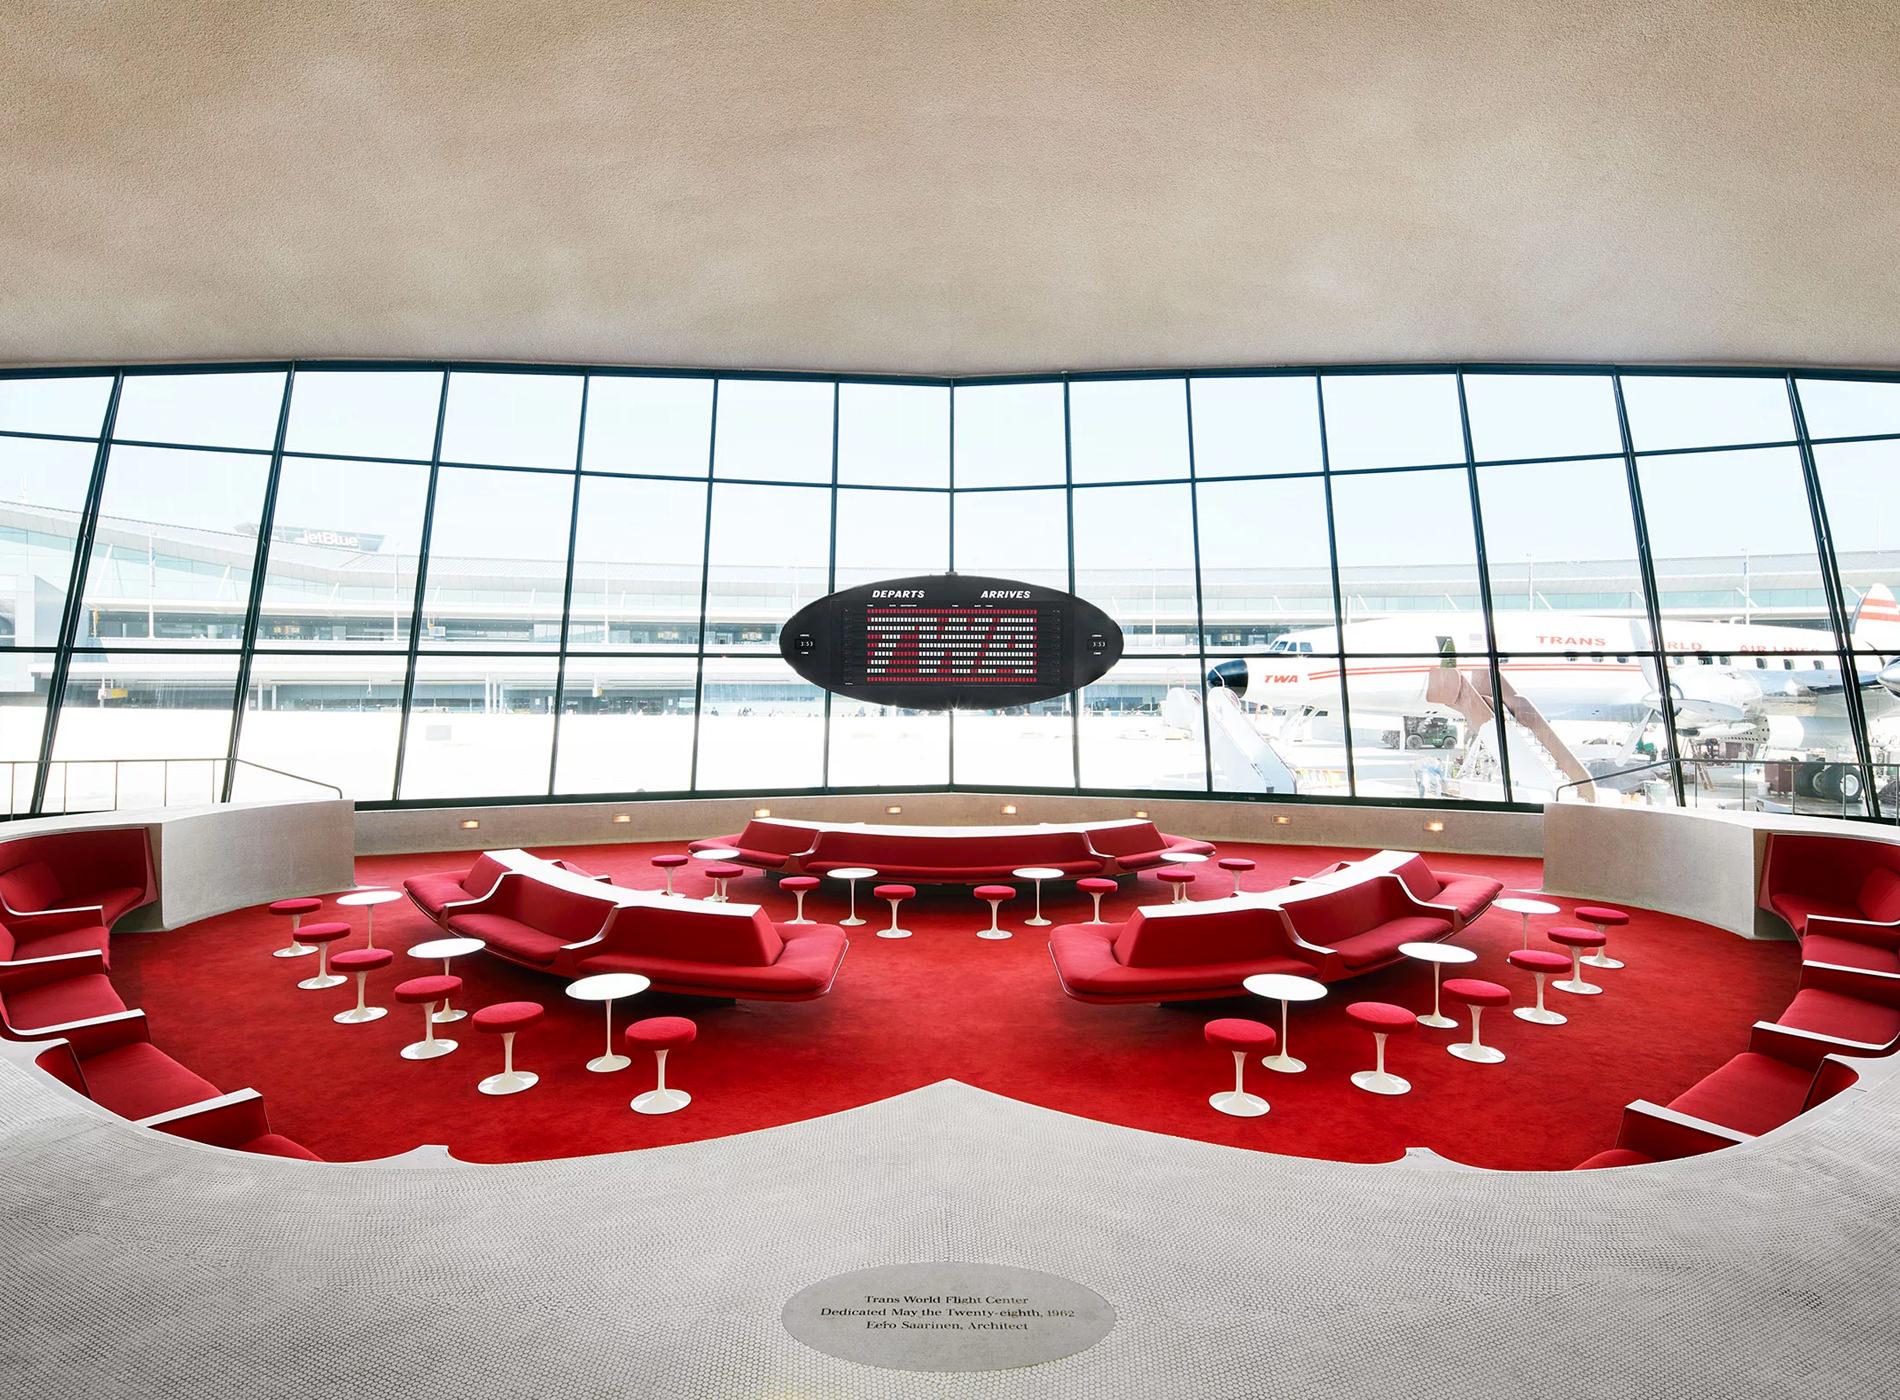 TWA Hotel New York JFK Airport TWA Flight Center The Sunken Lounge